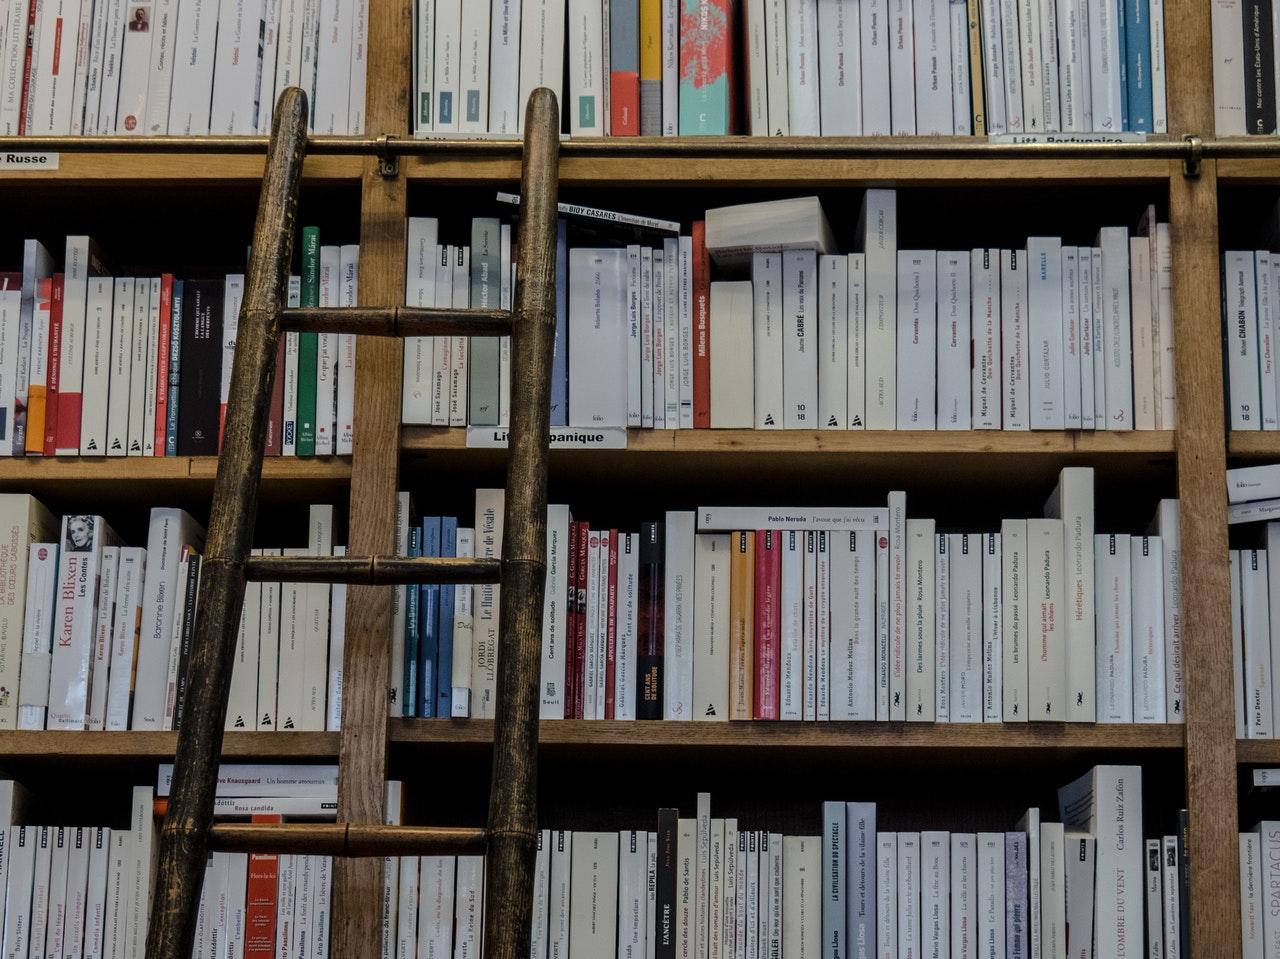 Livrarias segmentadas consolidam uma tendência no mercado editorial